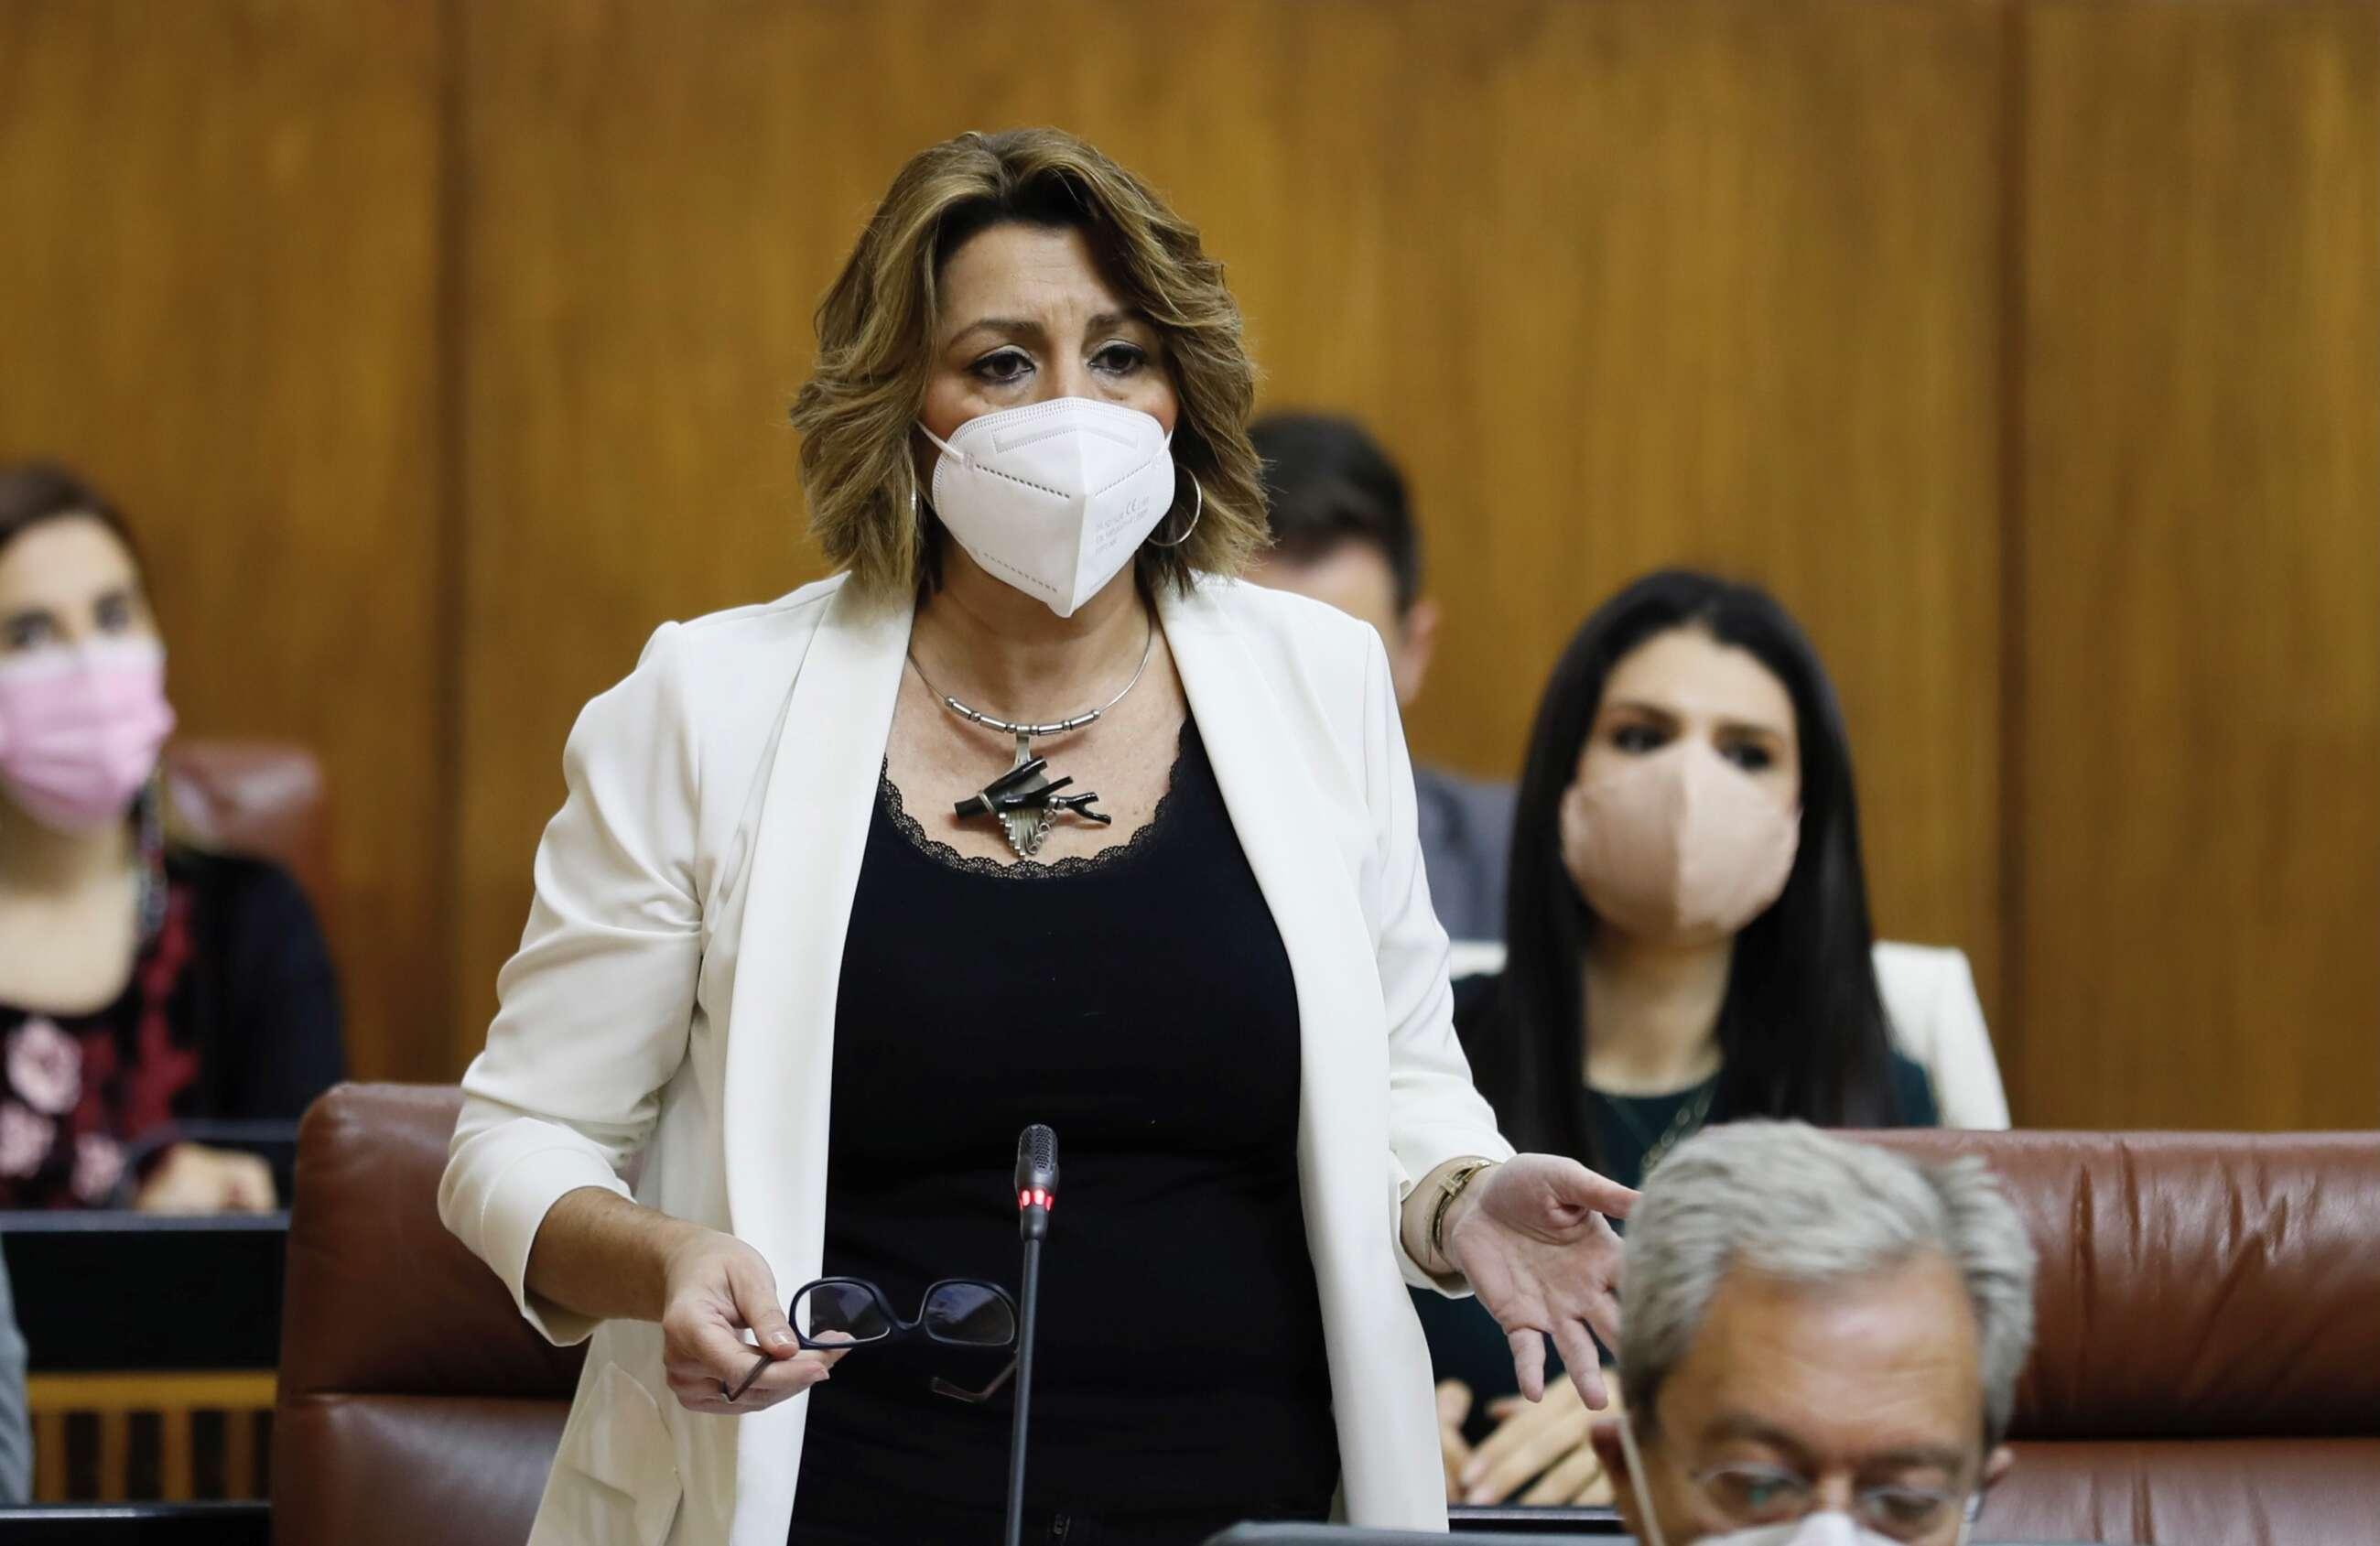 La líder del PSOE andaluz, Susana Díaz, en una sesión de control en el Parlamento al presidente de la Junta, Juanma Moreno / EFE